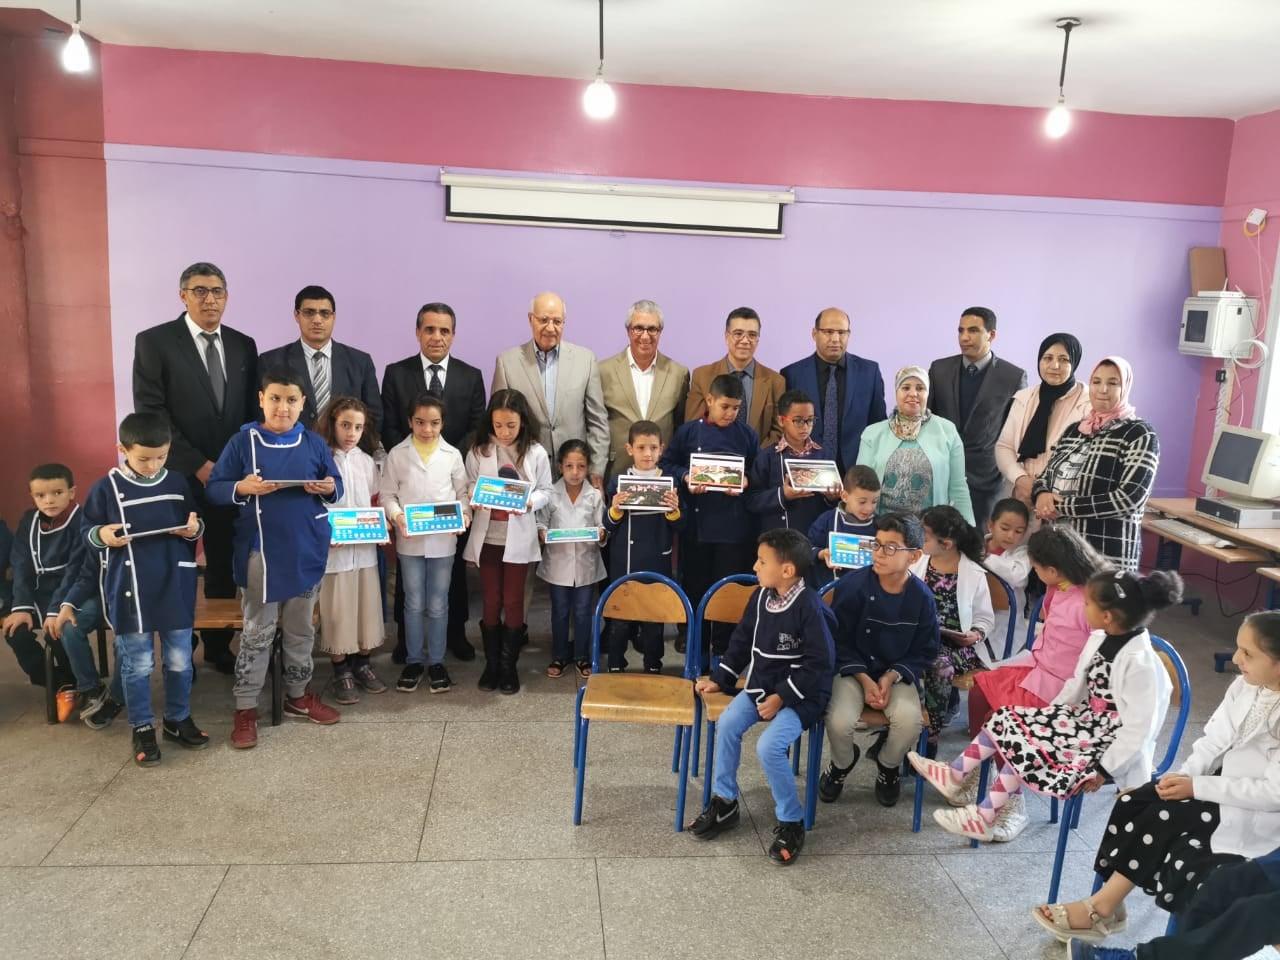 جامعة الأخوين بإفران تمنح مدرسة الرياض الابتدائية بإفران 32 لوحة إلكترونية متضمنة لمضامين رقمية